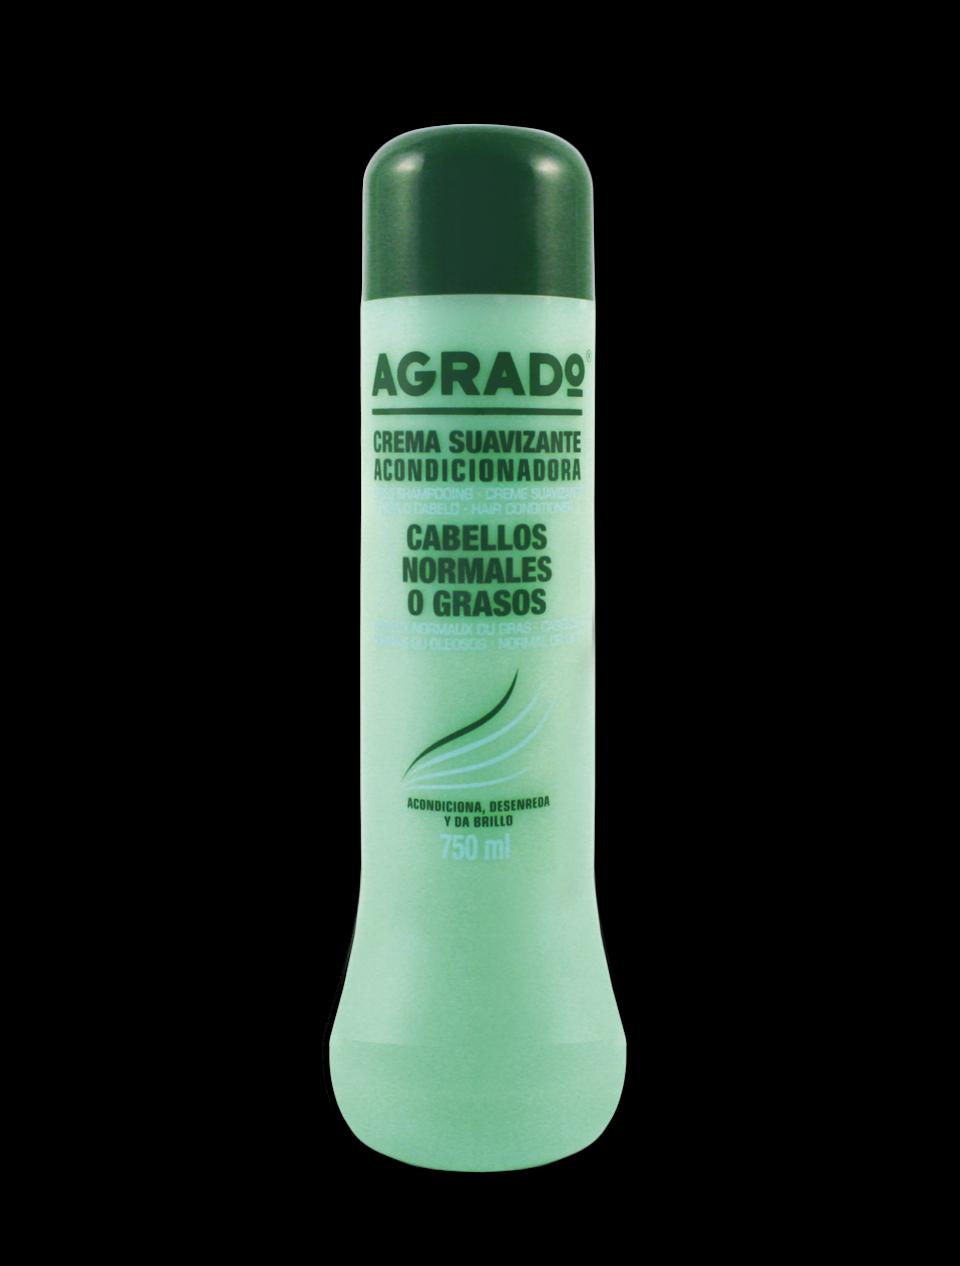 crema-suavizante-acondicionadora-cabellos-normales-grasos-4886